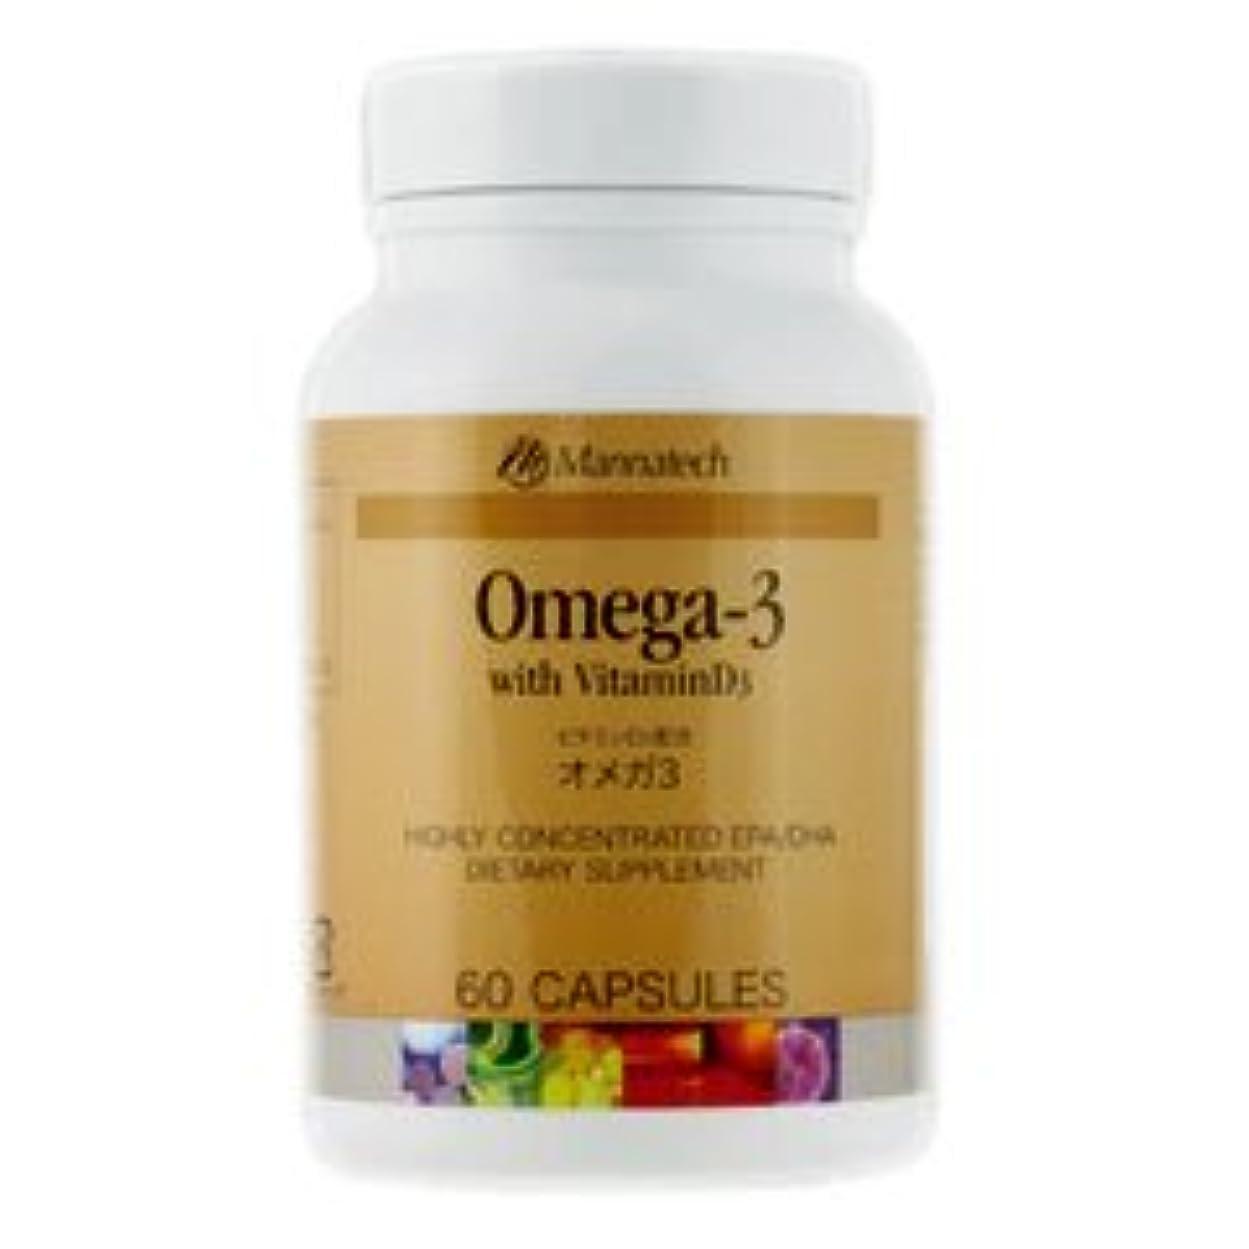 残高エステート増強お得な2本セット マナテック オメガ3 60カプセル 必須脂肪酸を手軽に摂取